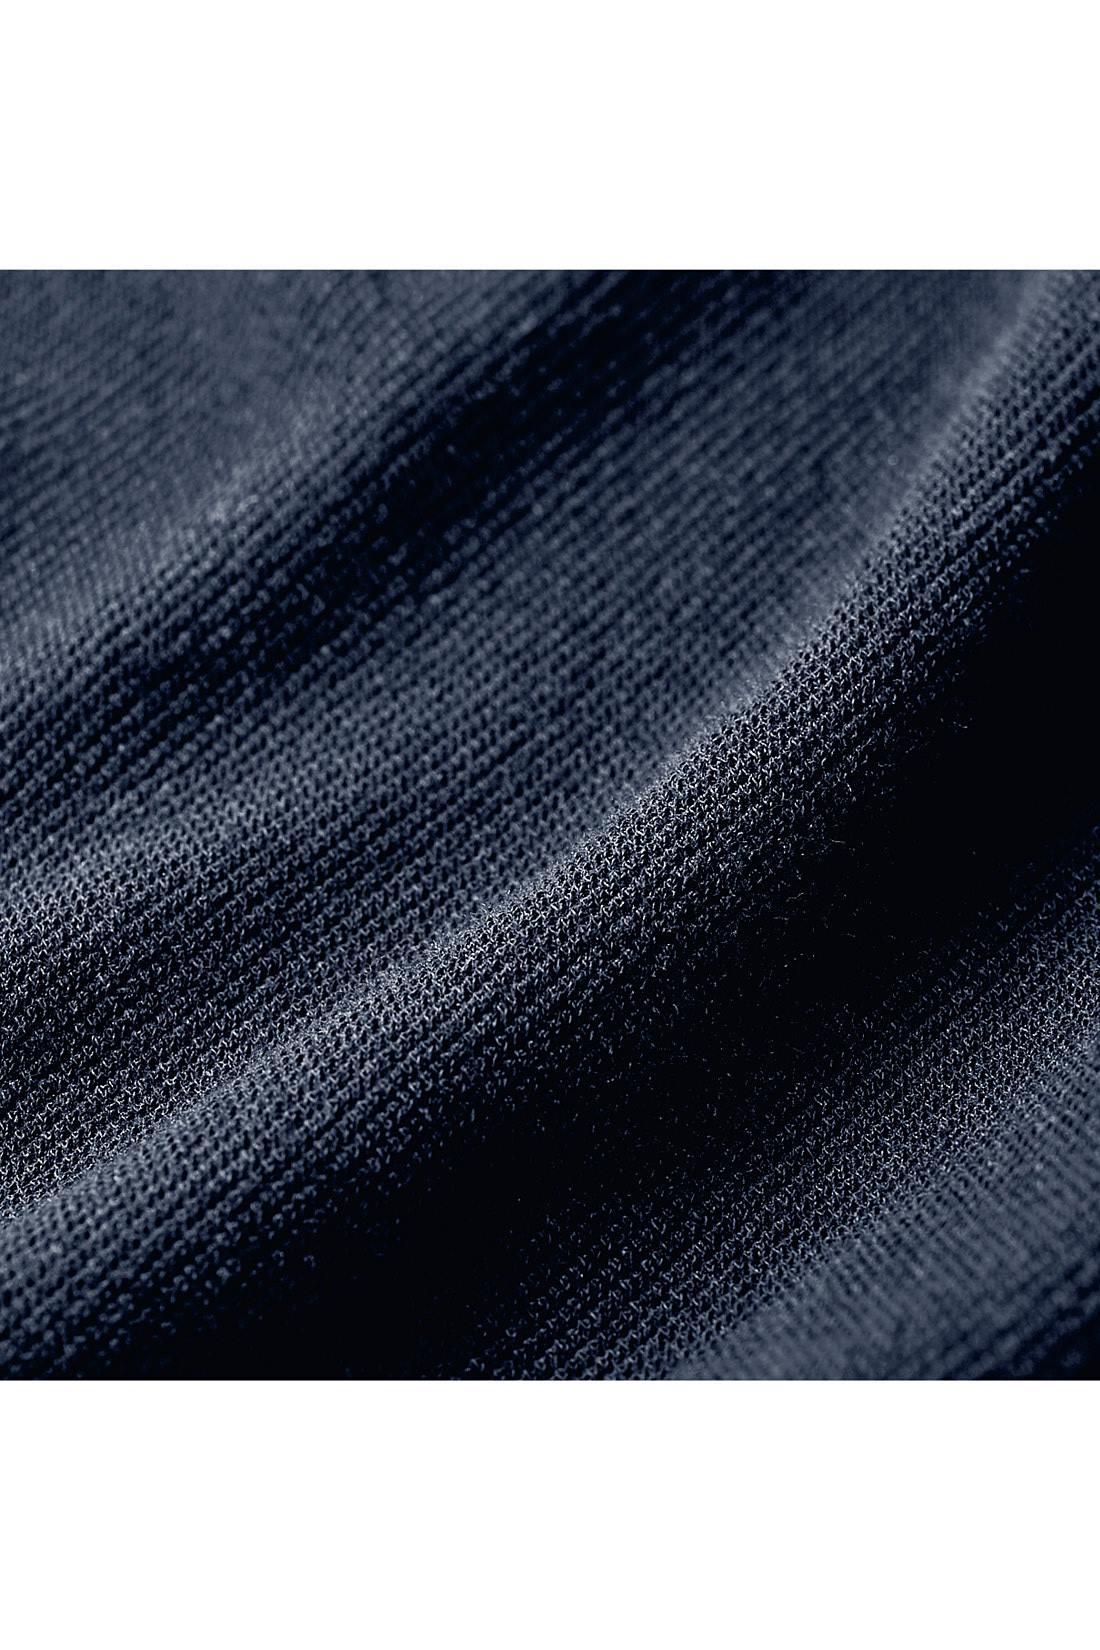 きちんと見えて動きやすいきれいめカットソー ツイル目できちんと感を出したカットソー素材。おうちで洗濯できて、イージーケアなのも魅力。